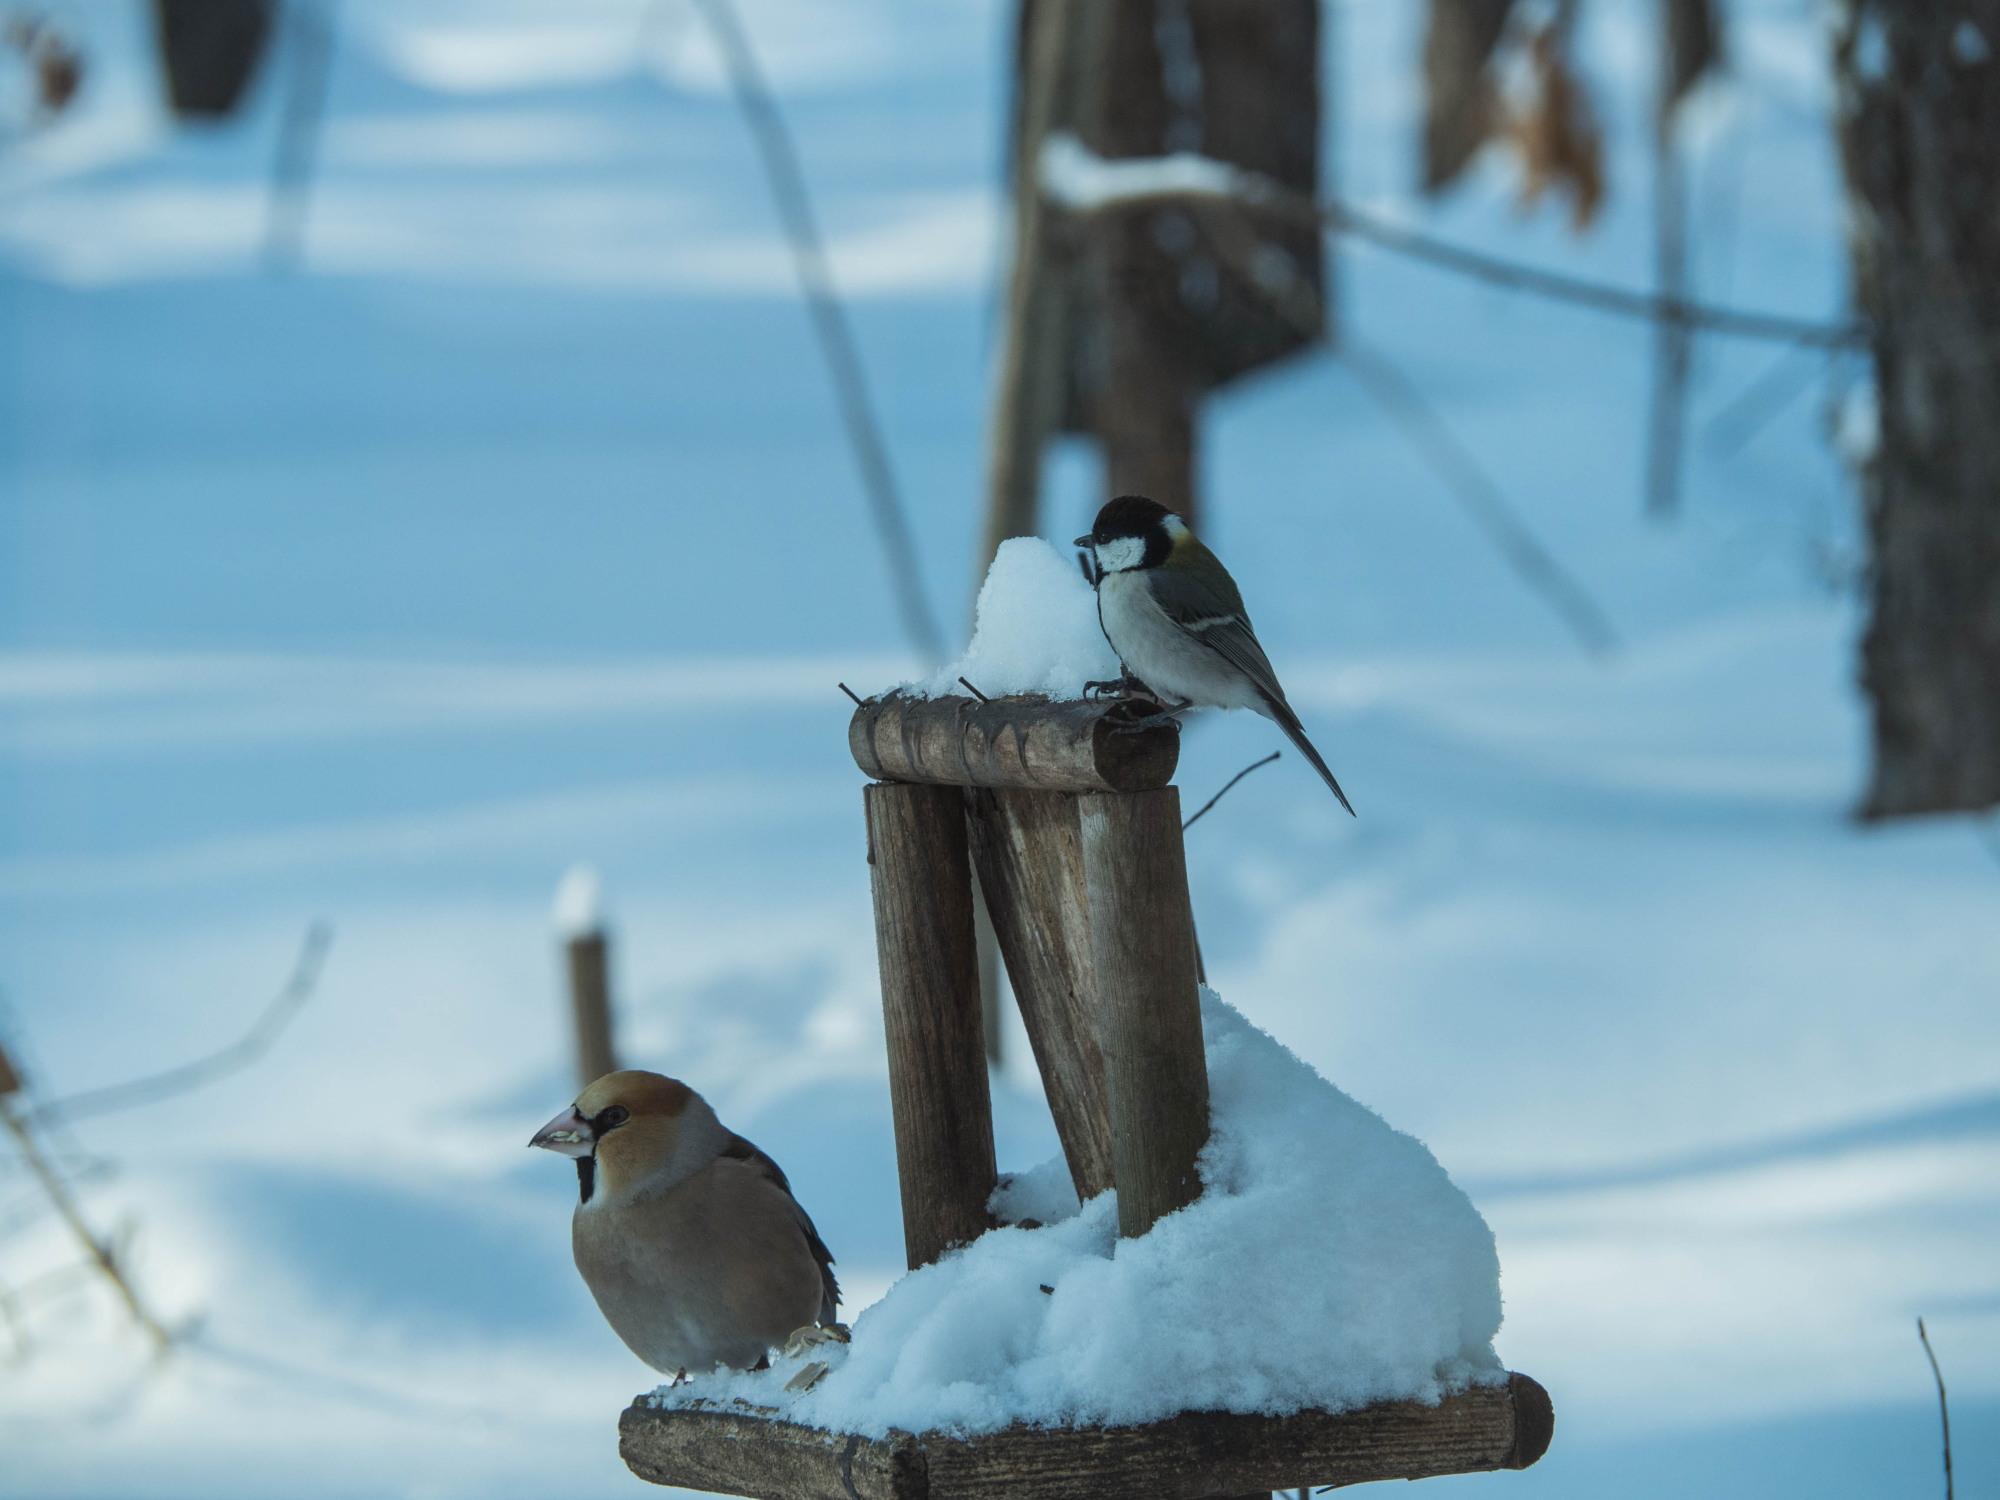 野鳥の群れに・・エゾリス君、カラマツの木の枝で固まる!_f0276498_17012246.jpg